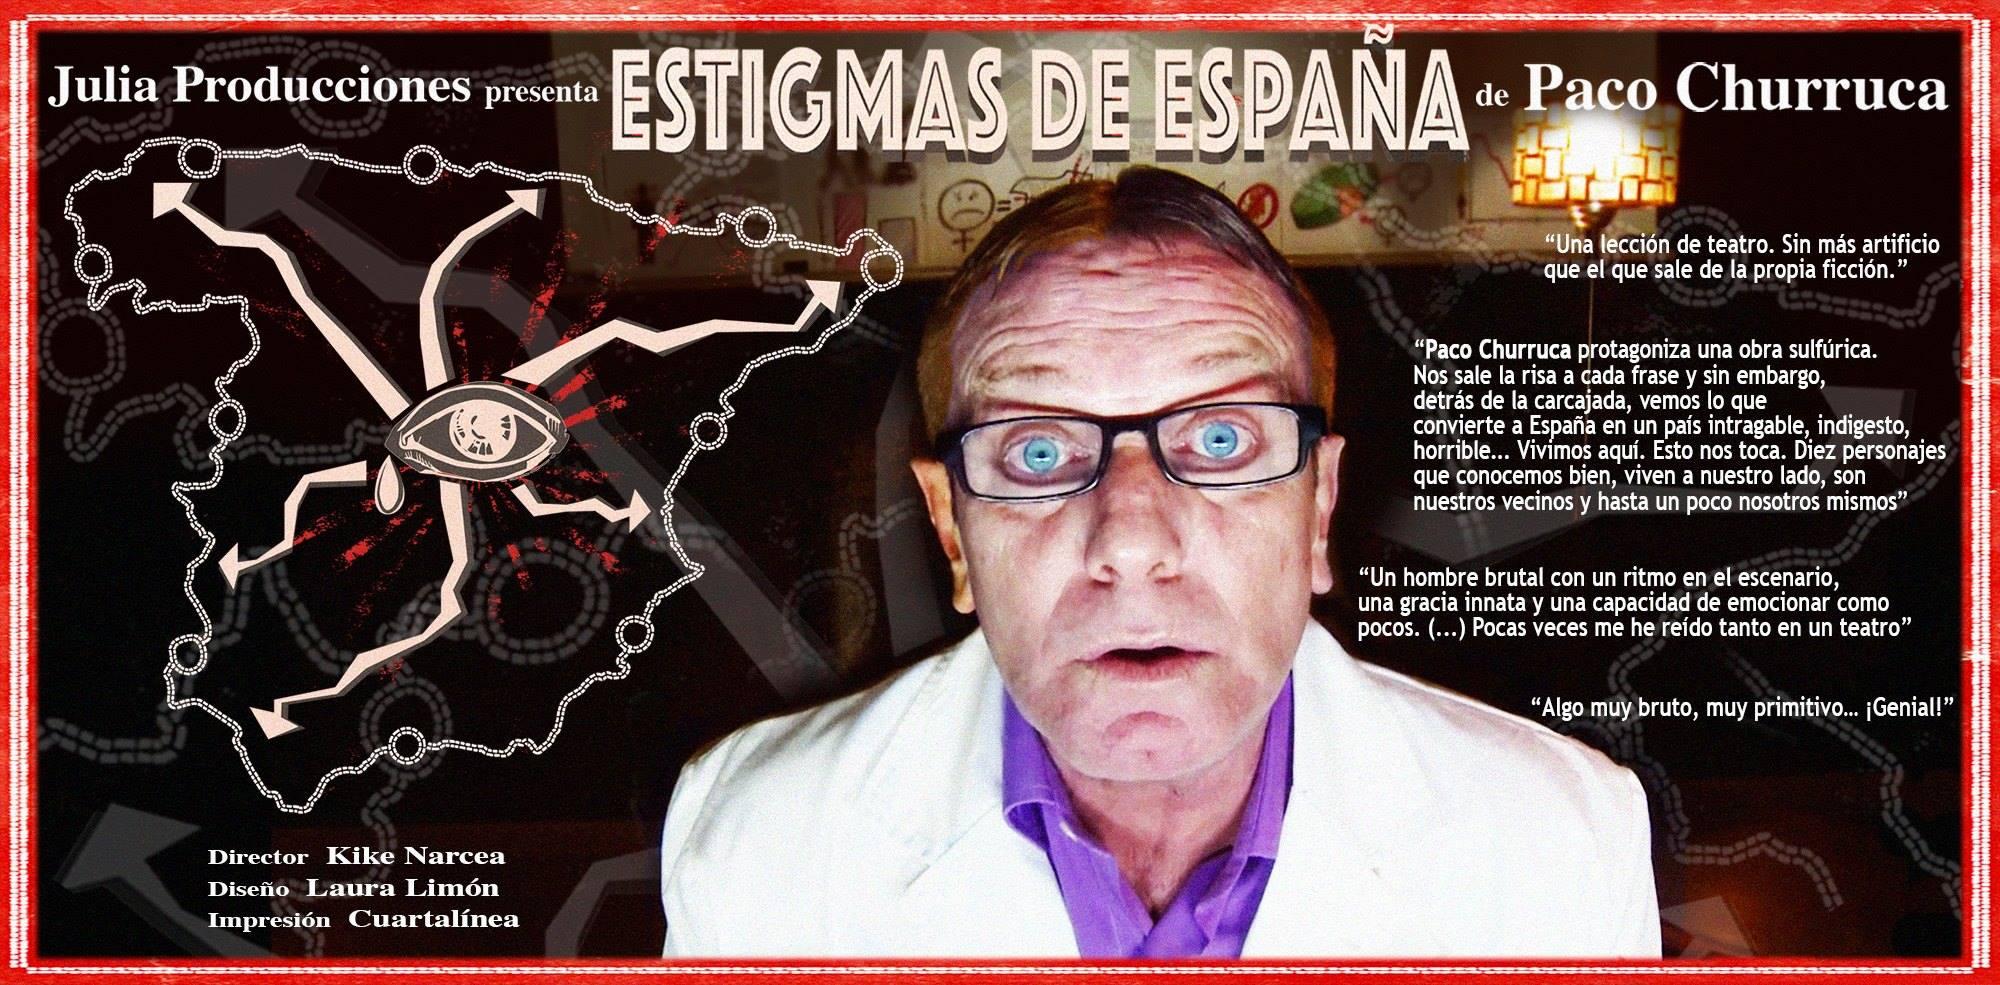 Estigmas de España con Paco Churruca